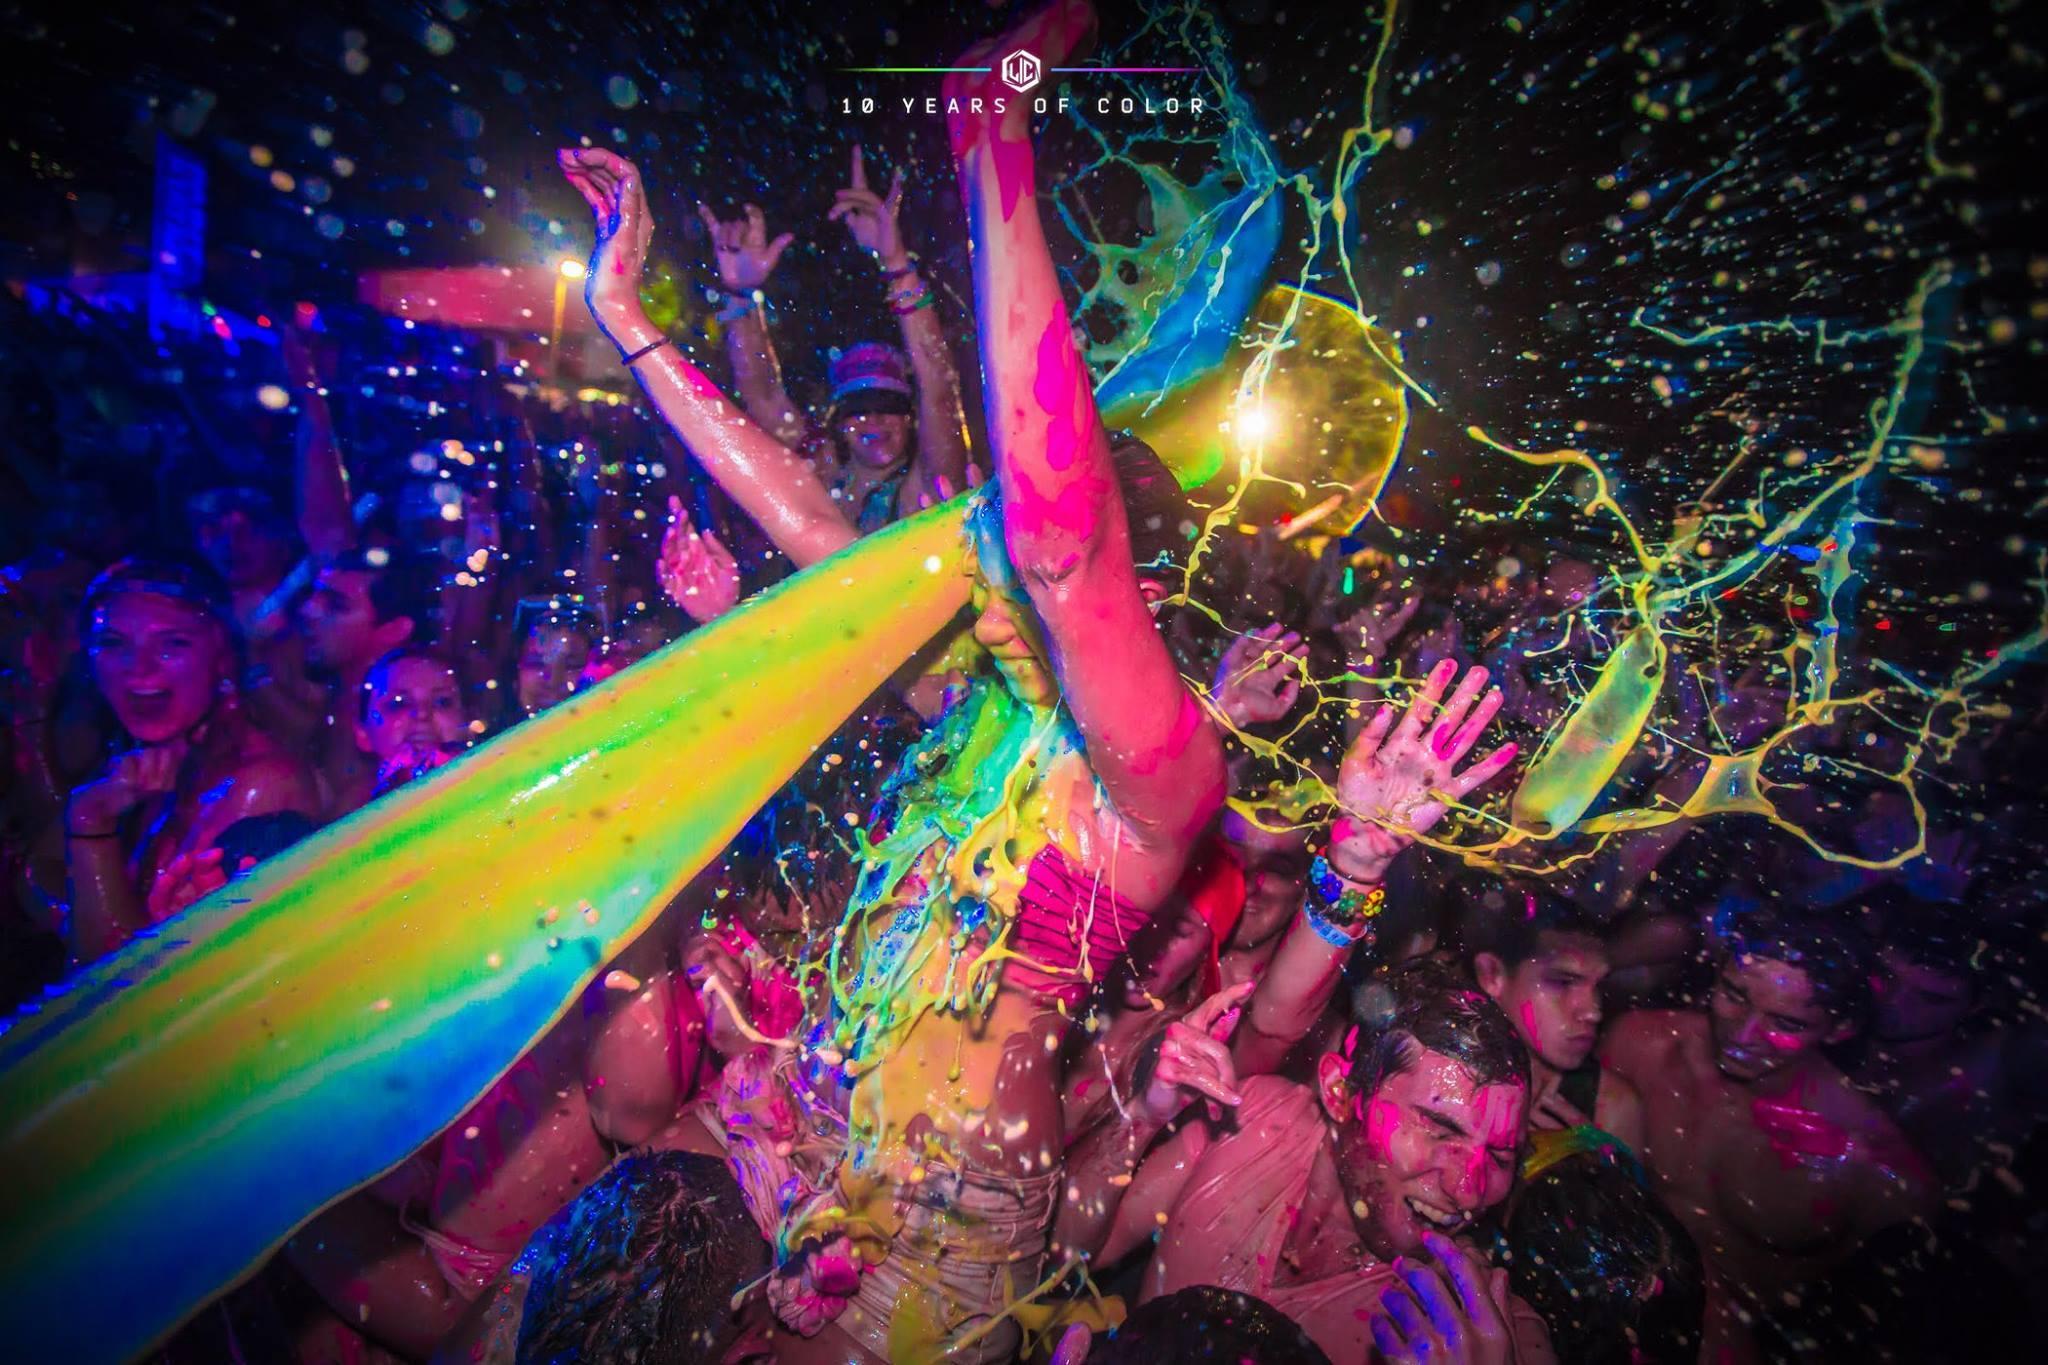 """ปาร์ตี้สาดสีระดับโลก Life in Color Bangkok """"The World Largest Paint Party"""" 23 กันยายน 2560 ณ Asiatique the Riverfront"""